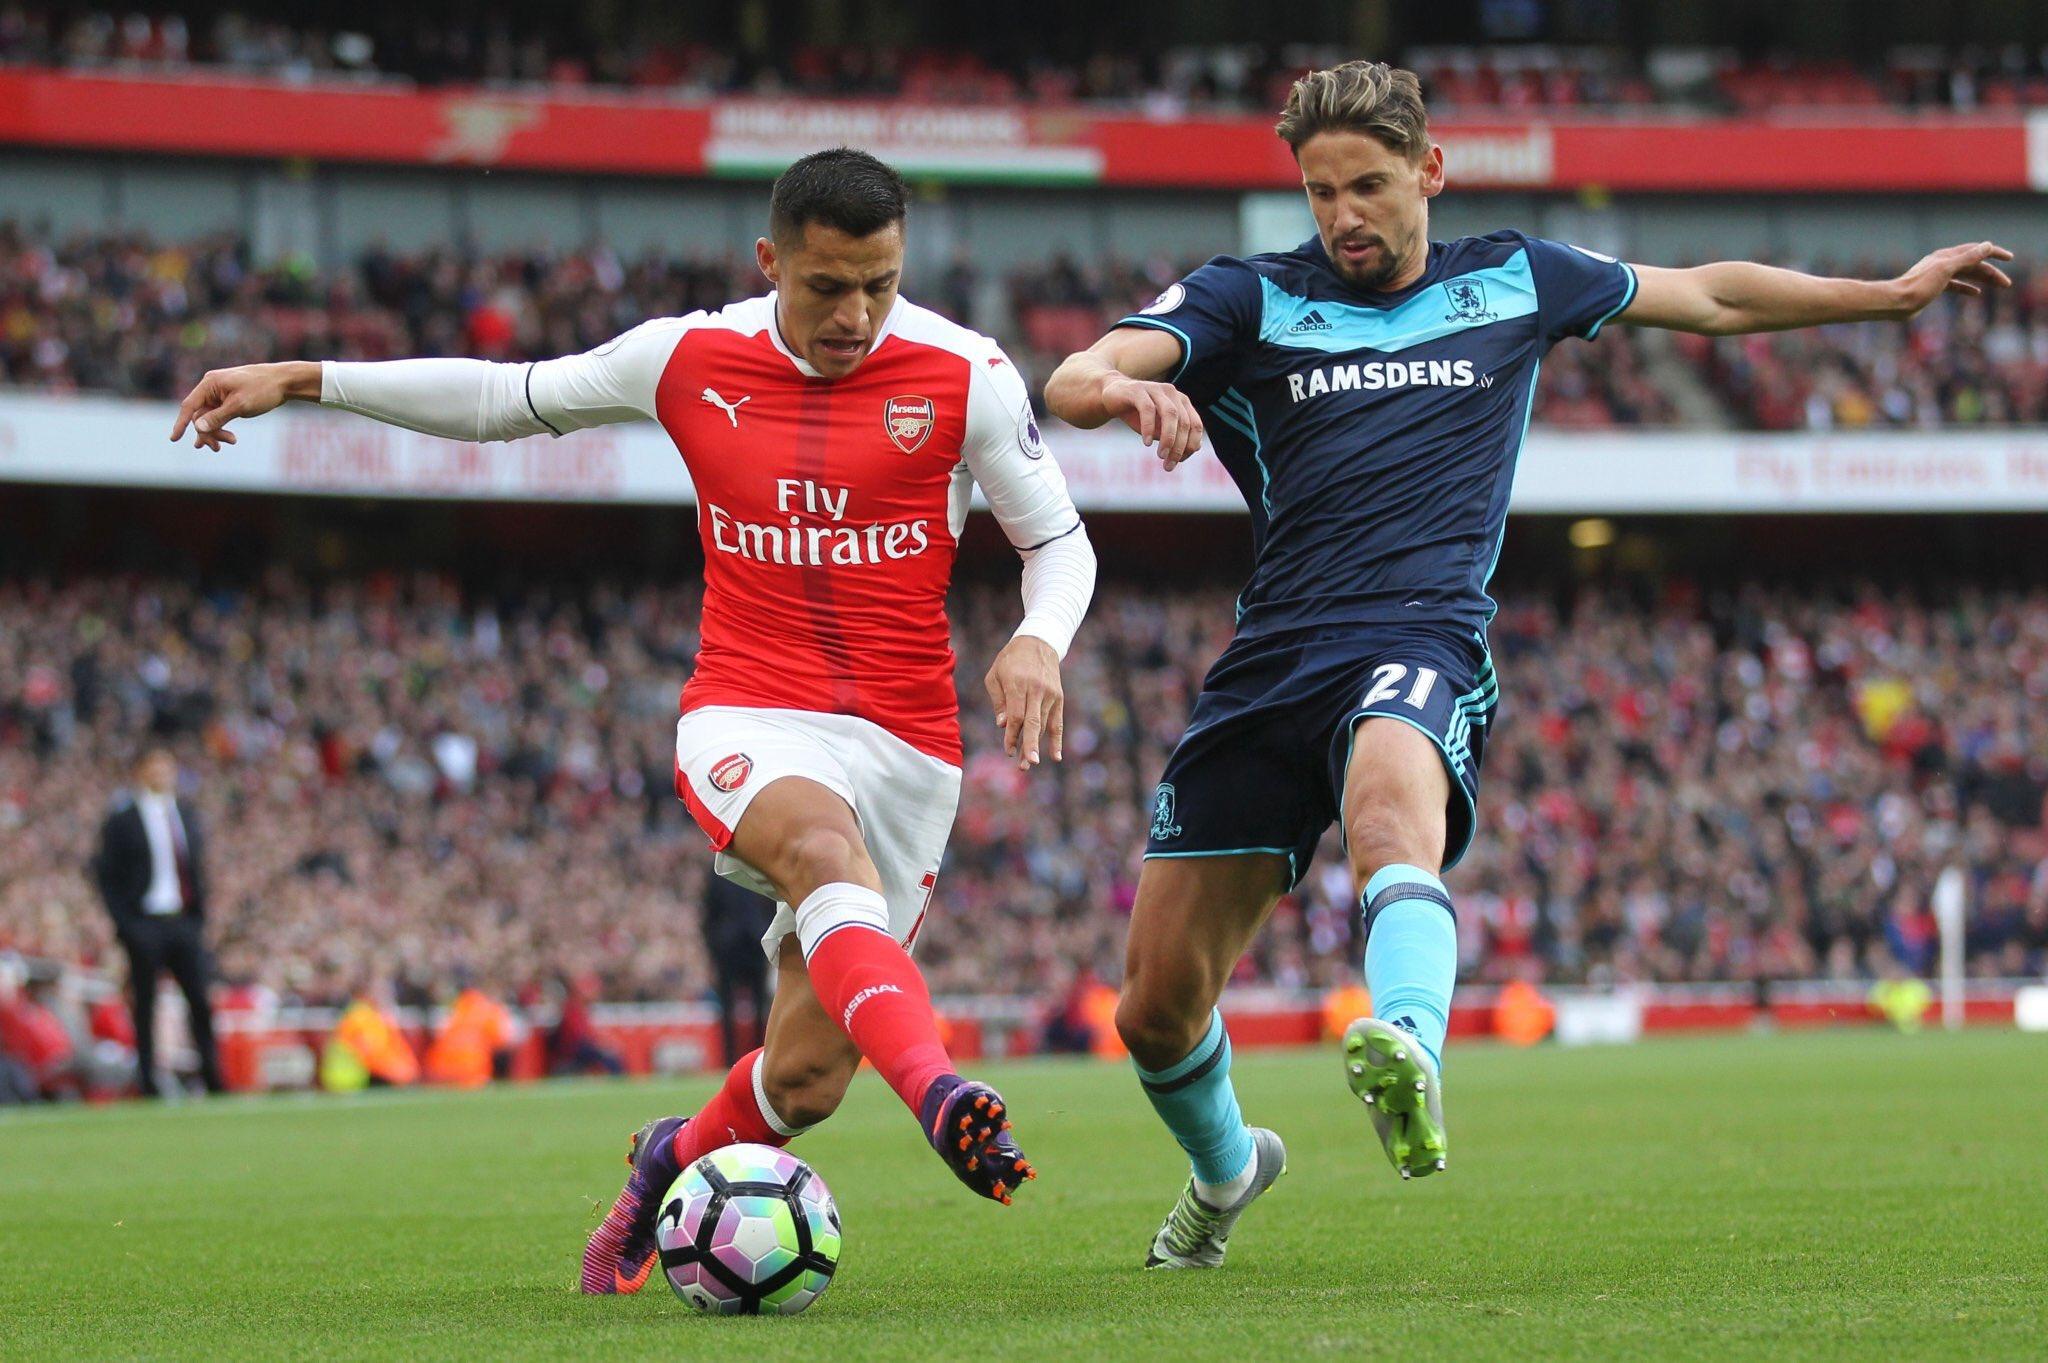 Middlesbrough vs Arsenal, 02h00 ngày 18/04: Lấy lại niềm tin